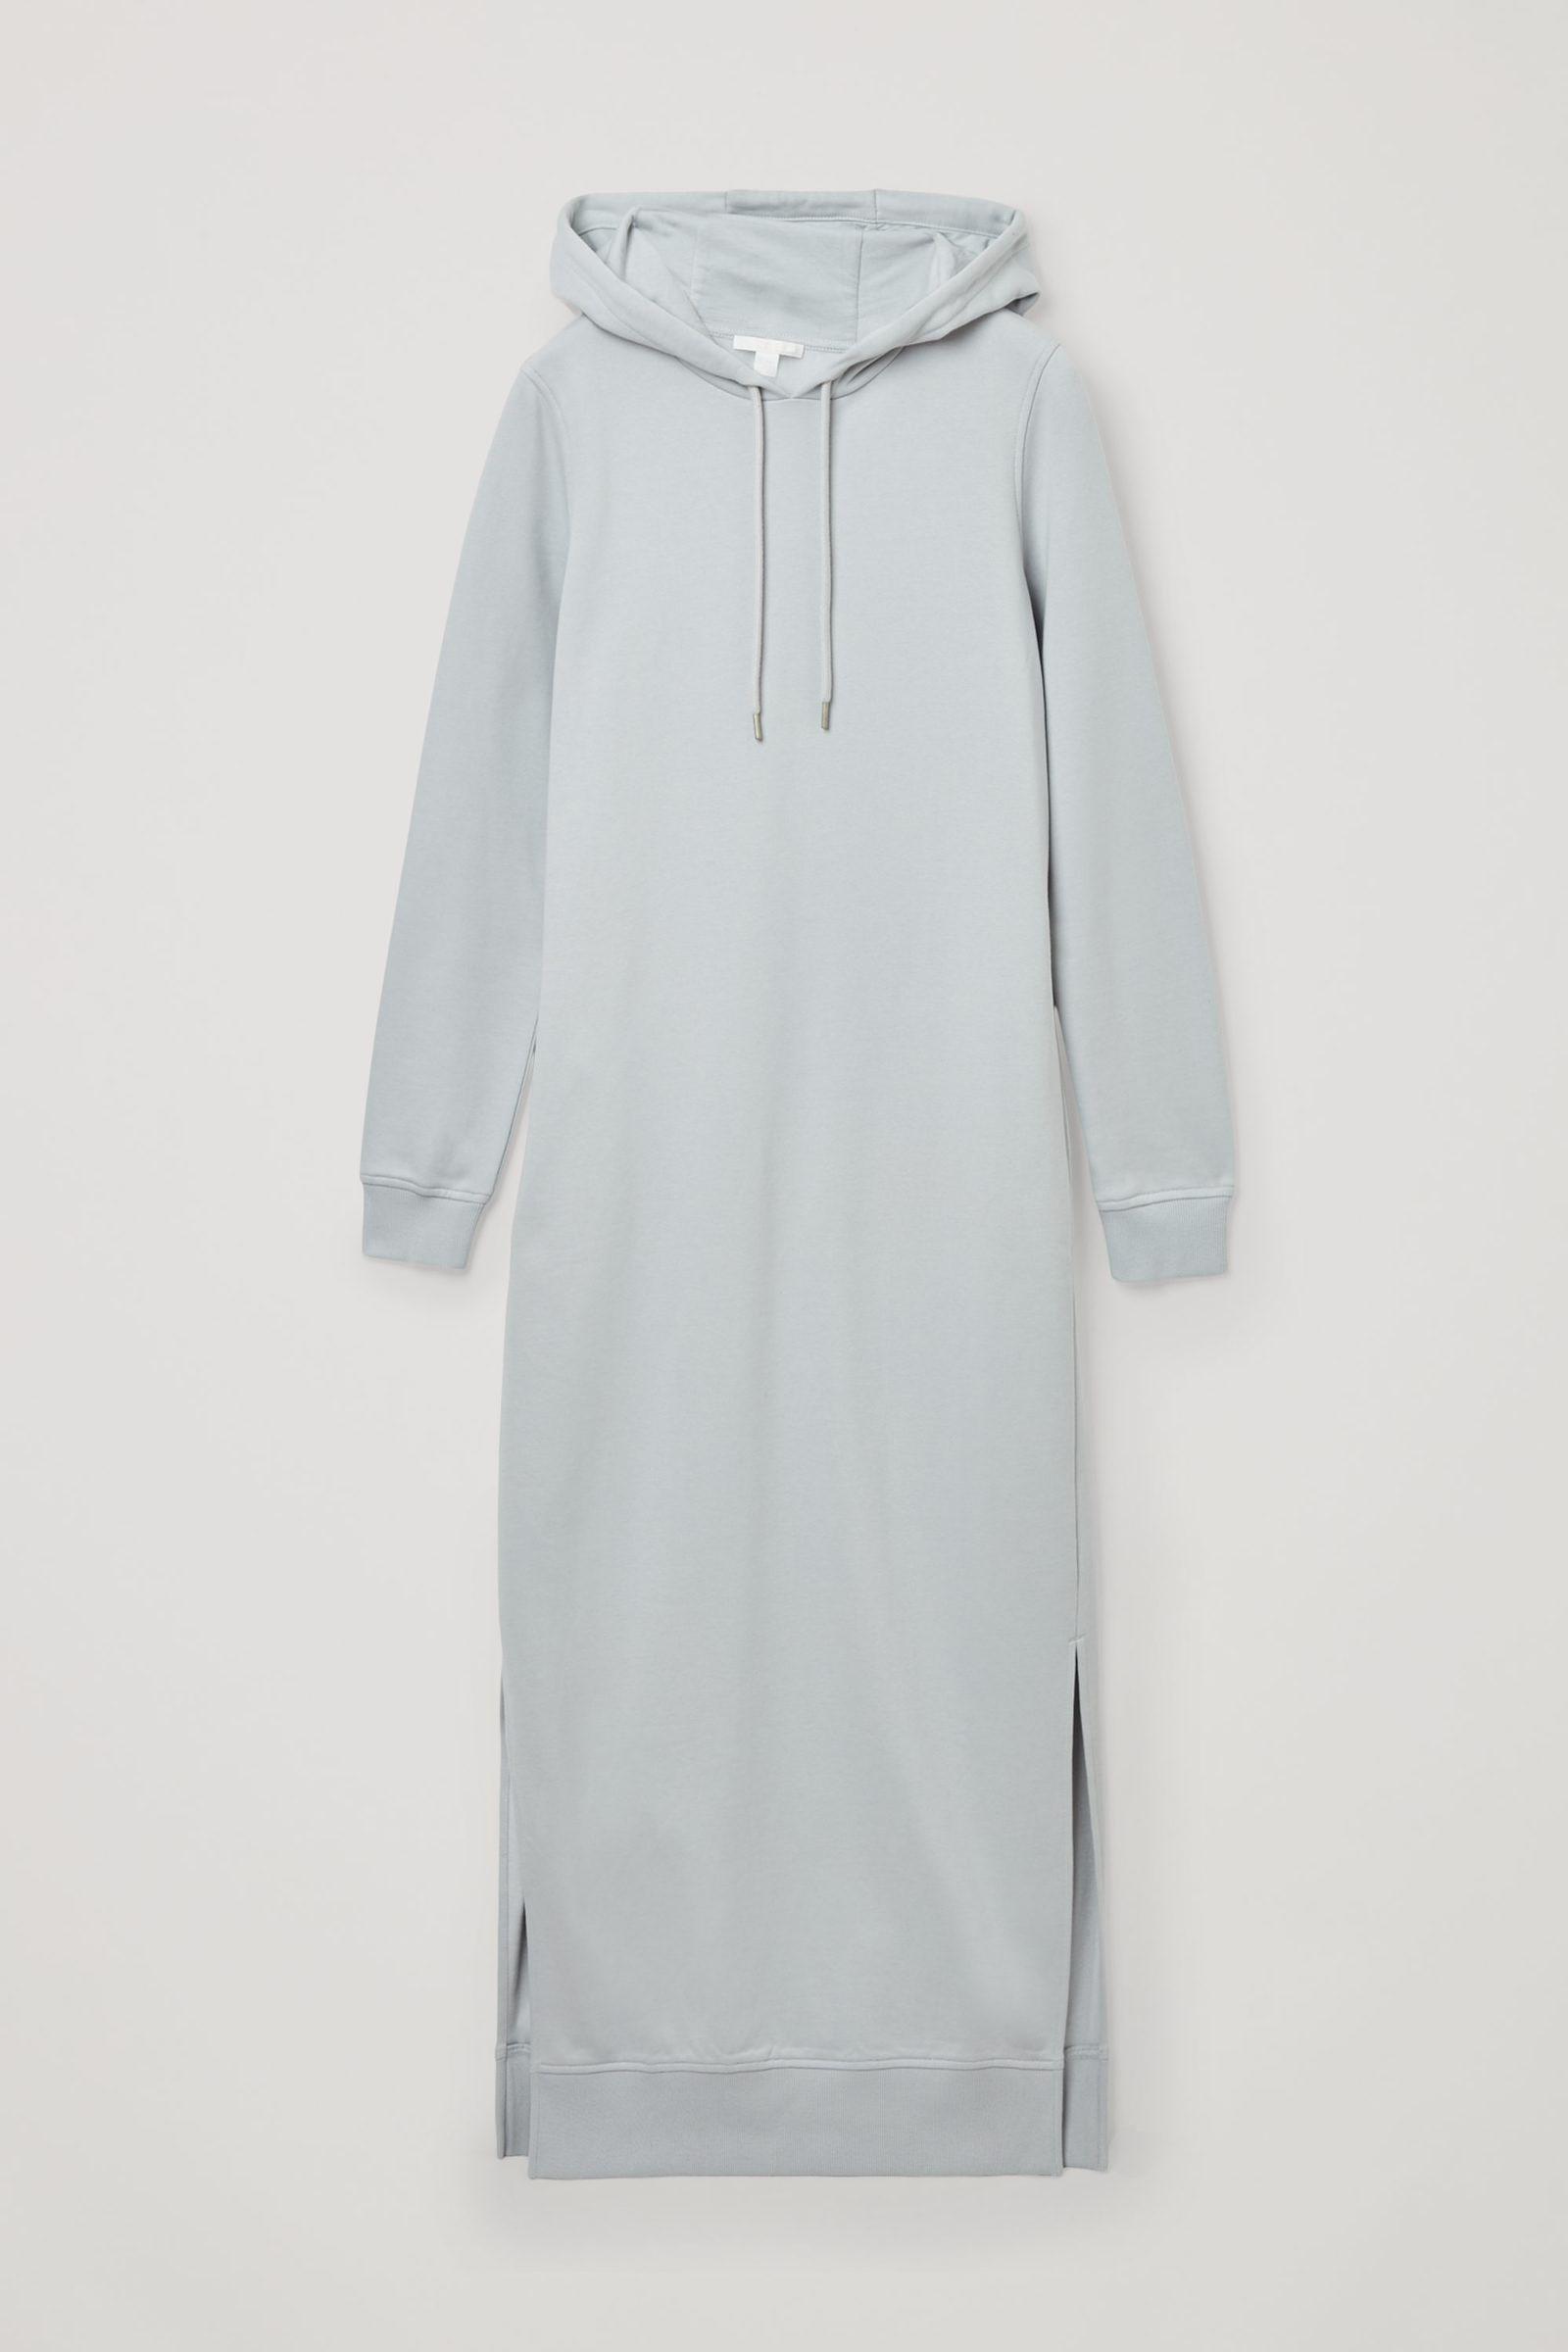 COS 오가닉 코튼 스플릿 심 후디드 스웻셔츠 드레스의 터쿼이즈컬러 Product입니다.